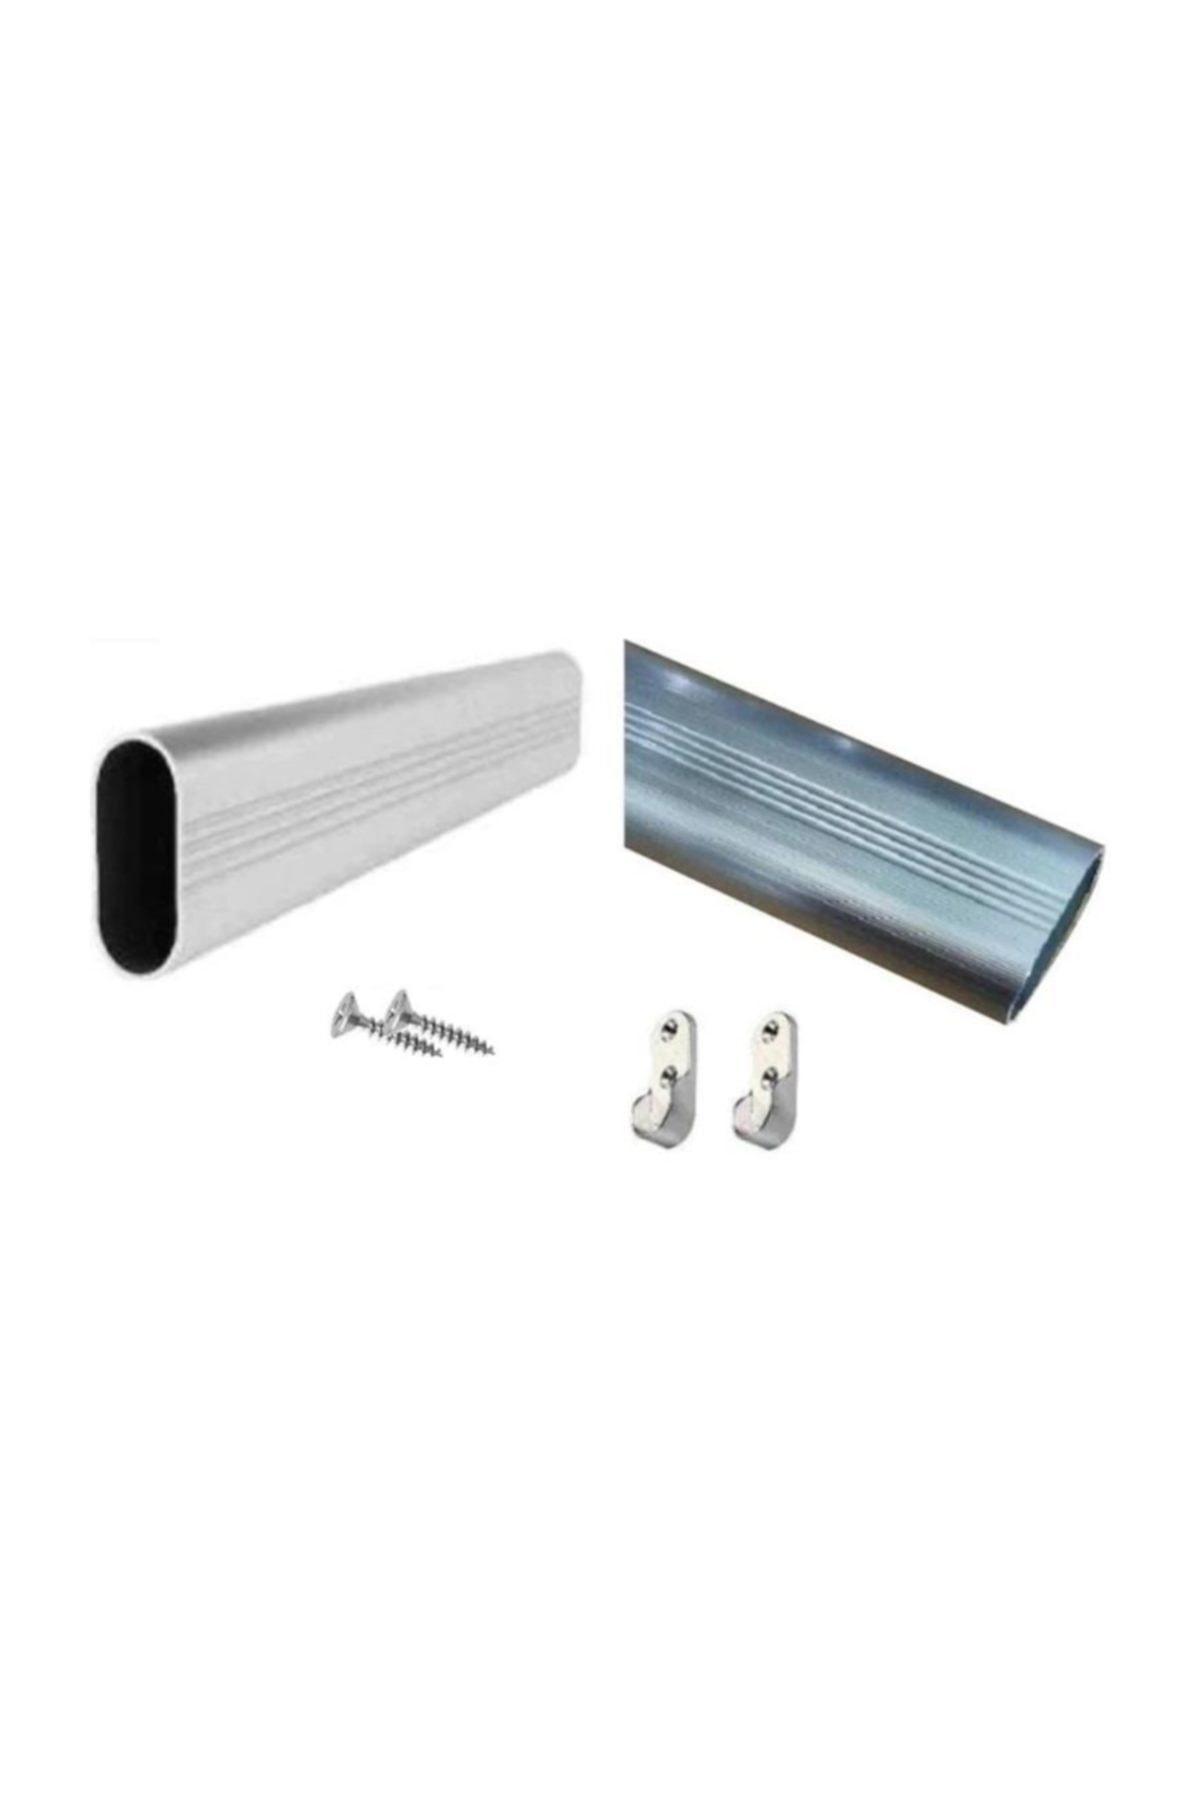 U Alüminyum 100 Cm Uzunluk Dolap Içi Boru Askı Borusu + 2 Adet Flanş + Vidaları